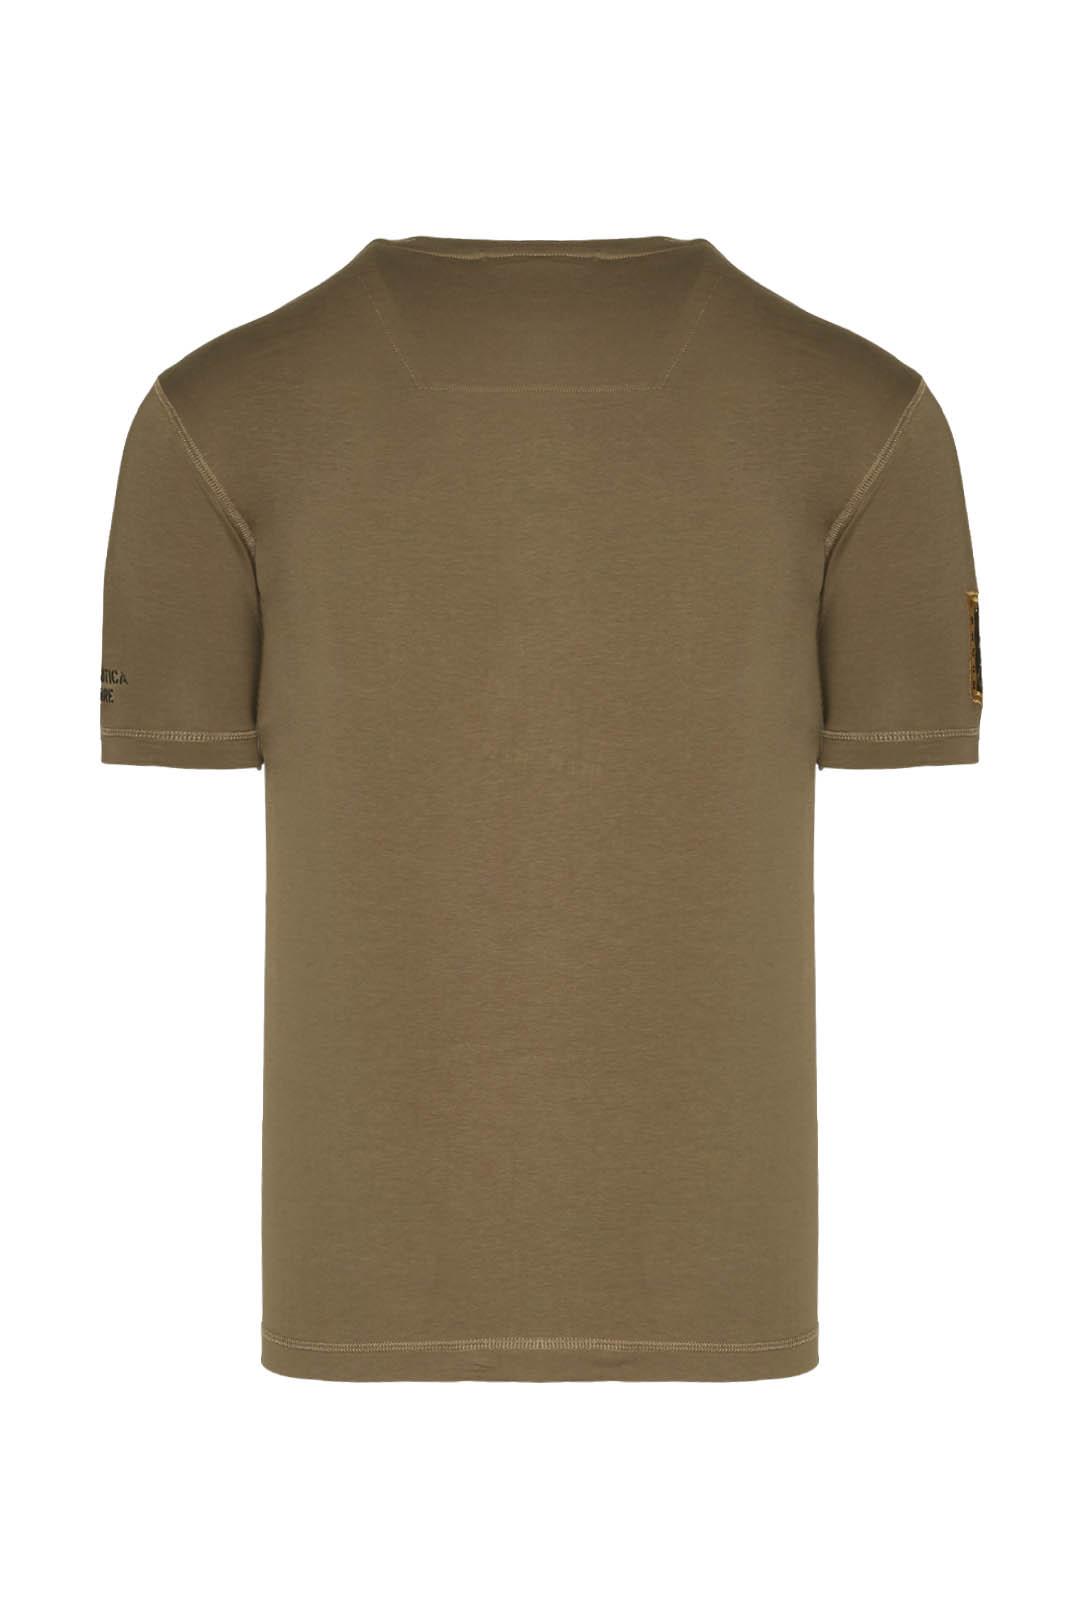 Frecce Tricolori printed t-shirt         2